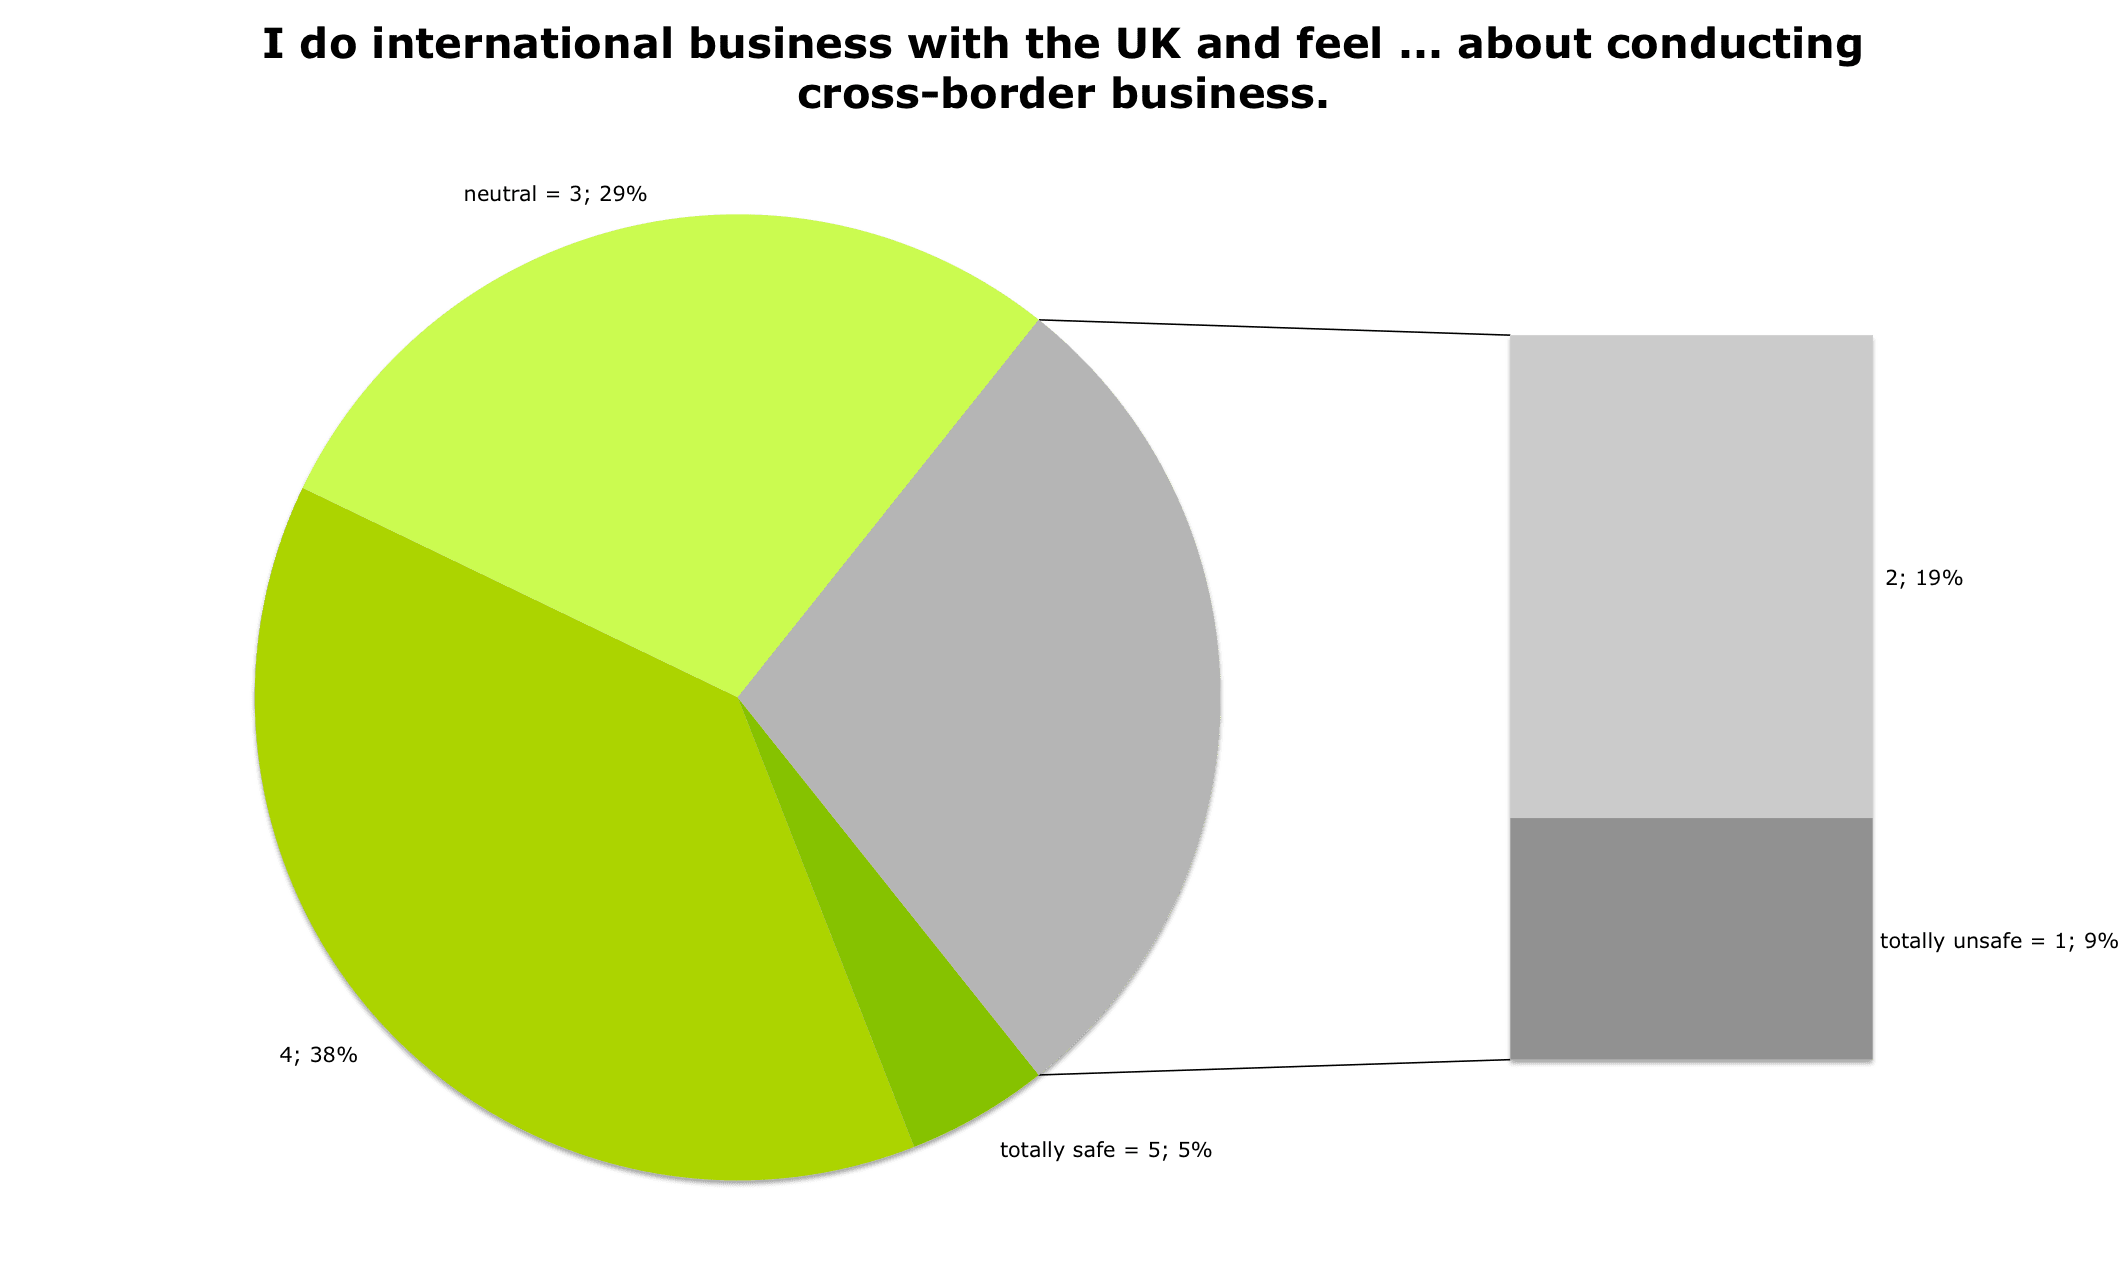 Stimmungsspiegel von Unternehmen, die in UK Geschäftsziele verfolgen